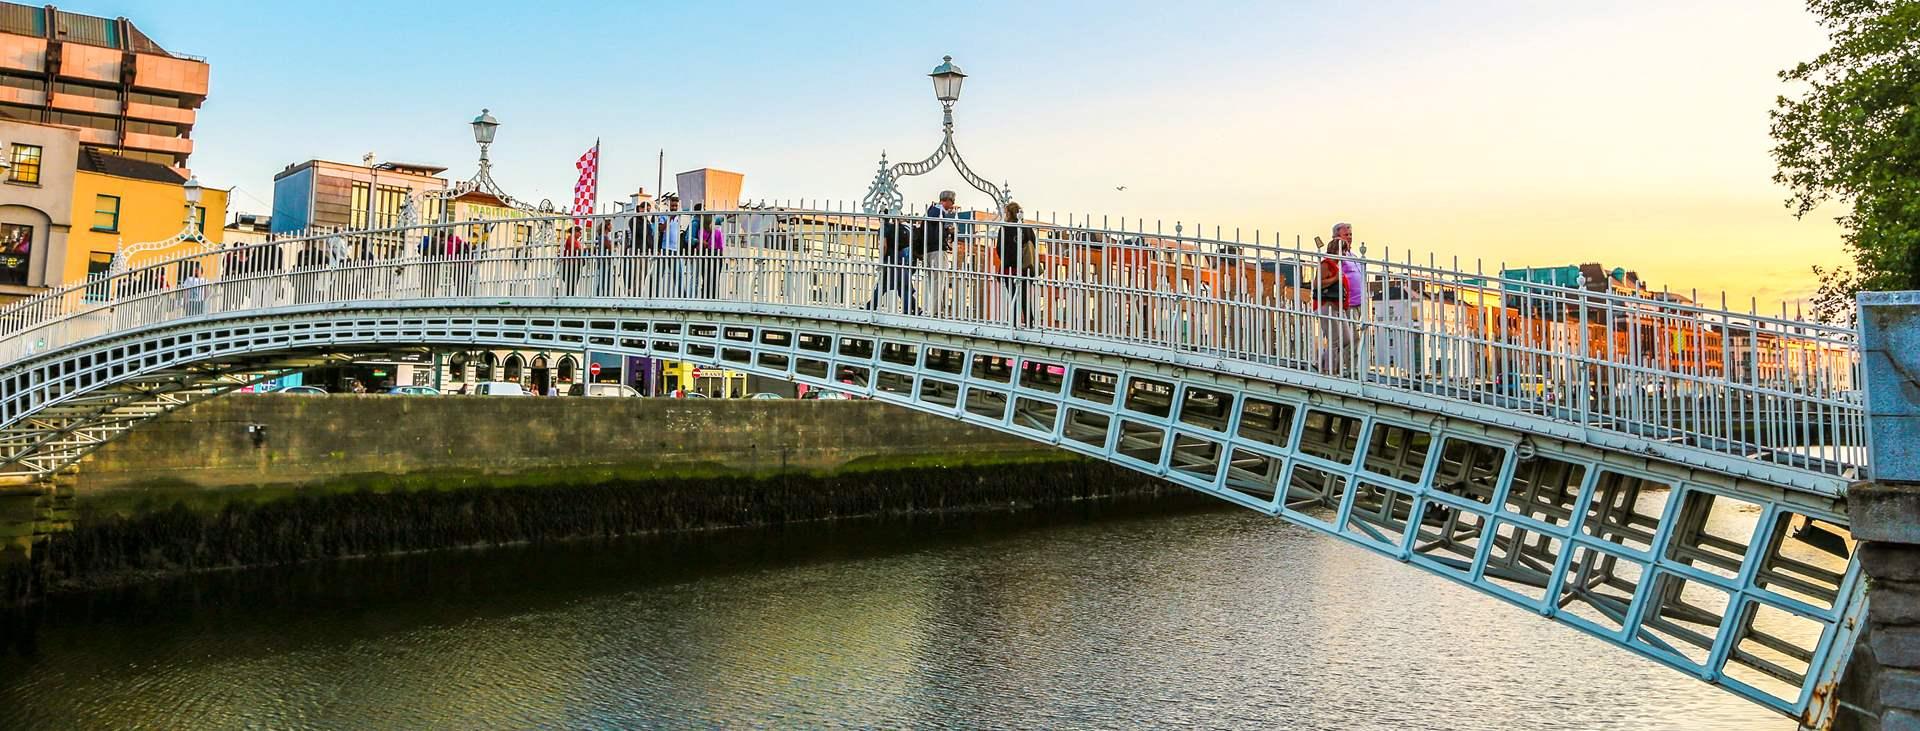 Bestill en reise til Dublin med Ving